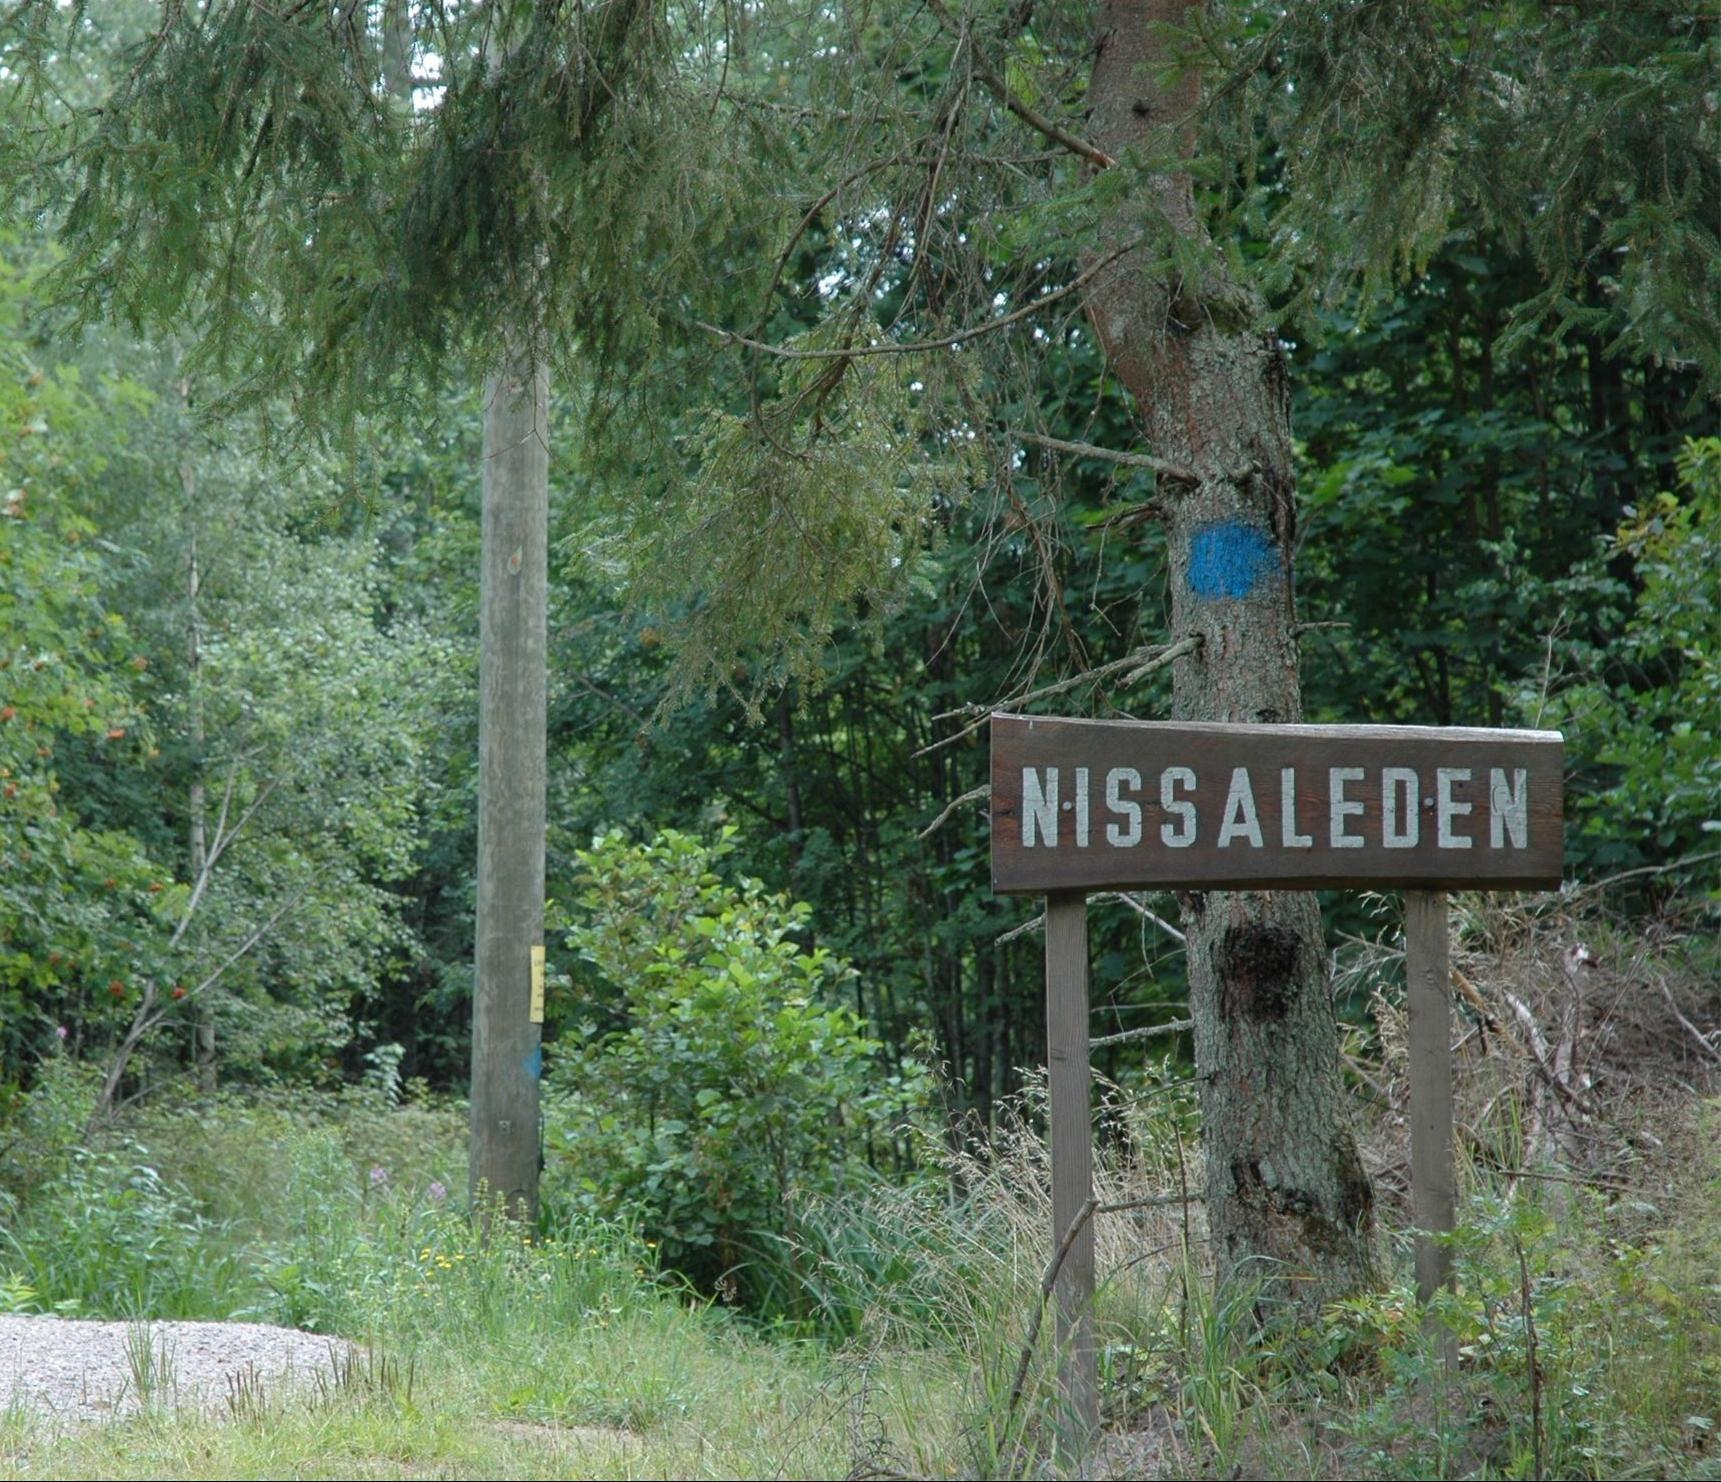 Nissanleden